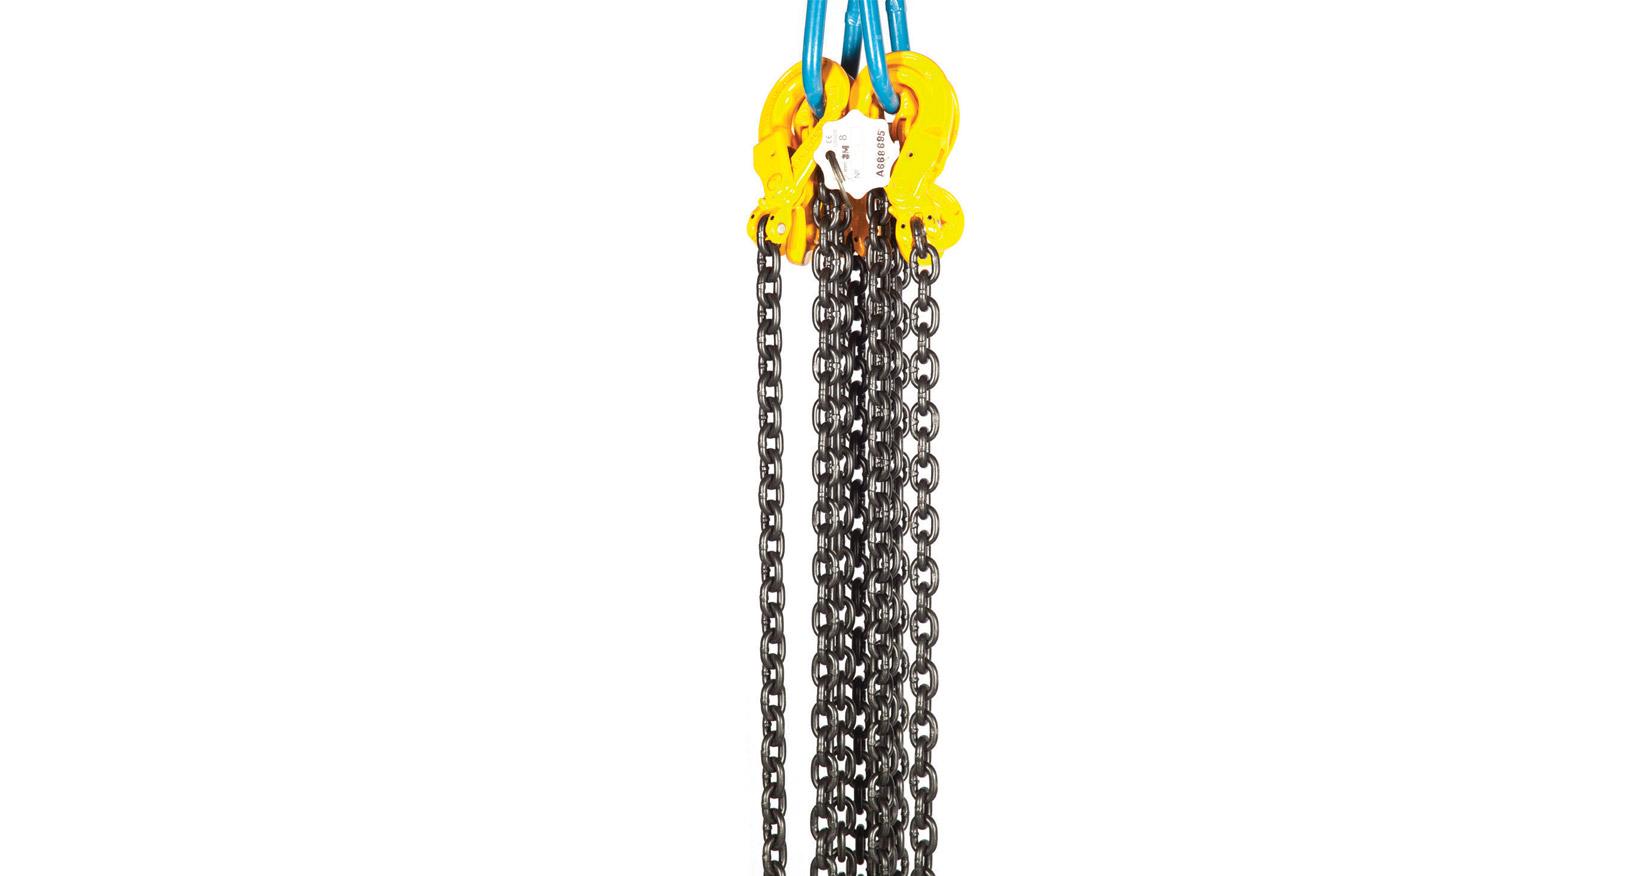 2.1T 7mm 2 Leg Chain 3-6M